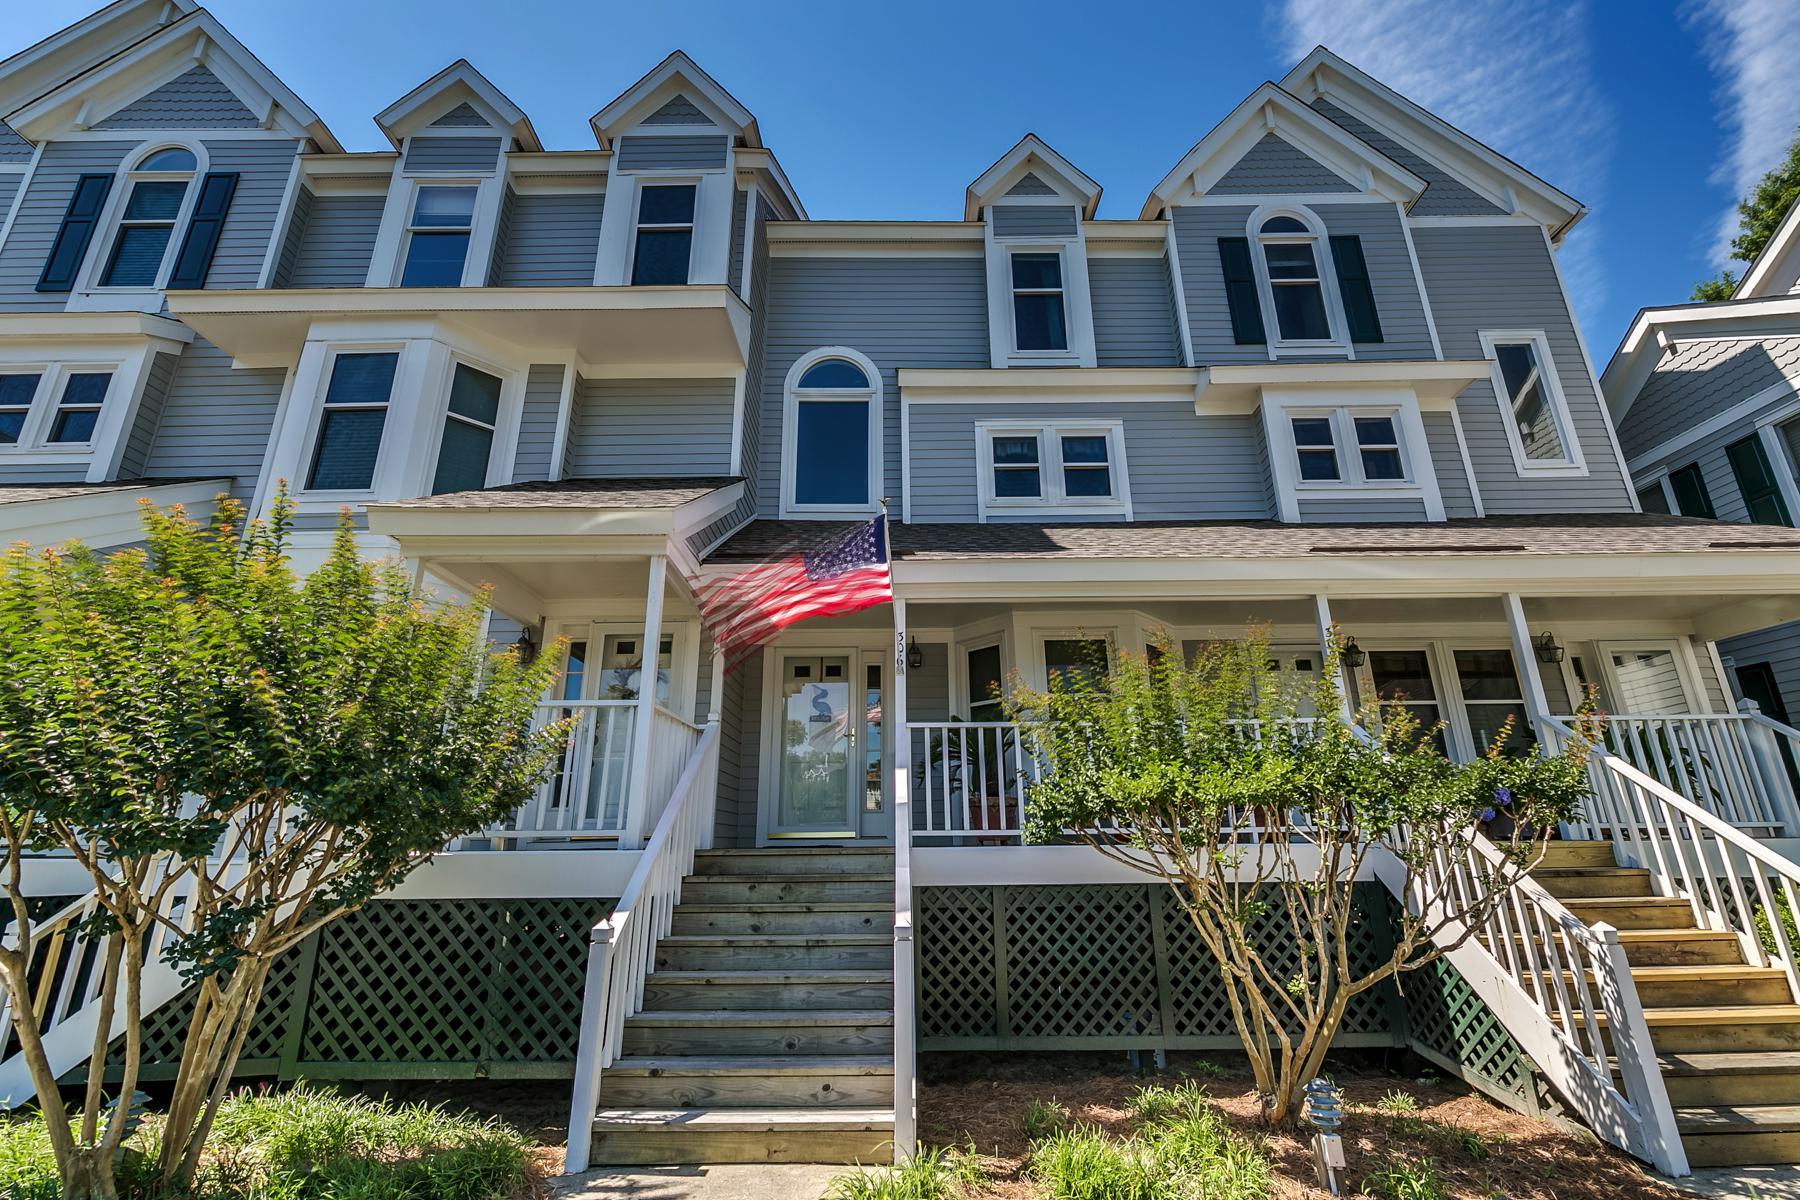 Villa per Vendita alle ore 4999 Hwy 17 Business Murrells Inlet, Carolina Del Sud, 29576 Stati Uniti